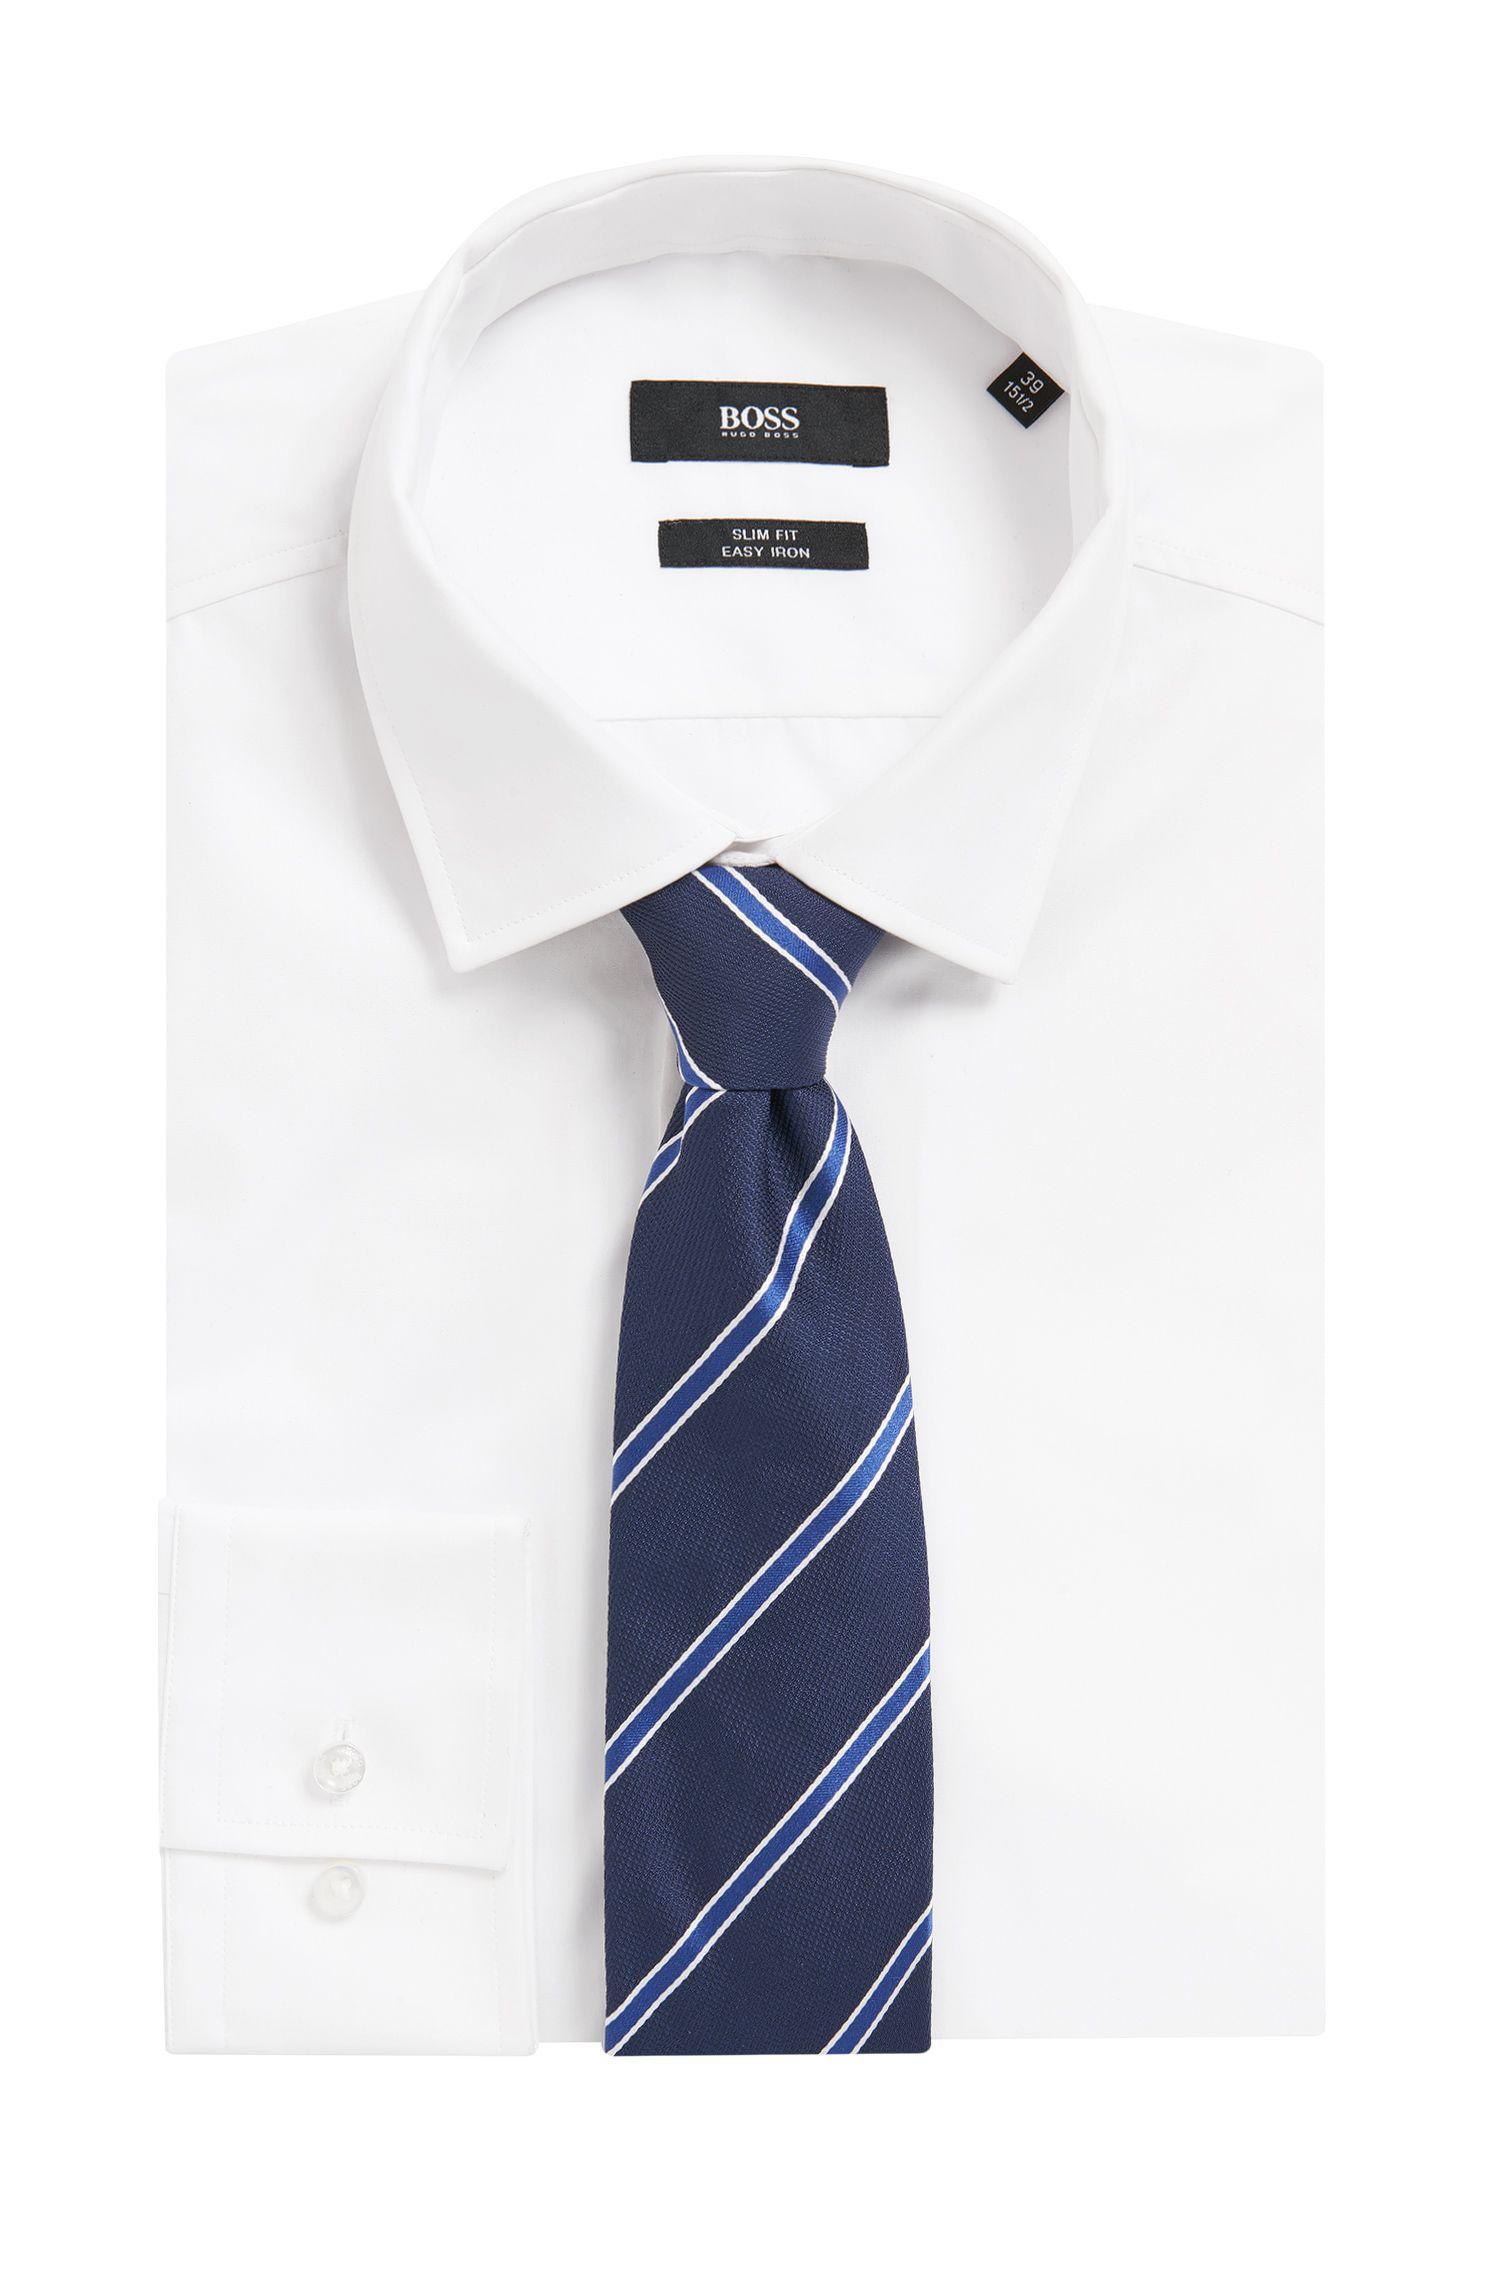 Cravate en jacquard de soie tissée-teinte avec rayures en diagonale